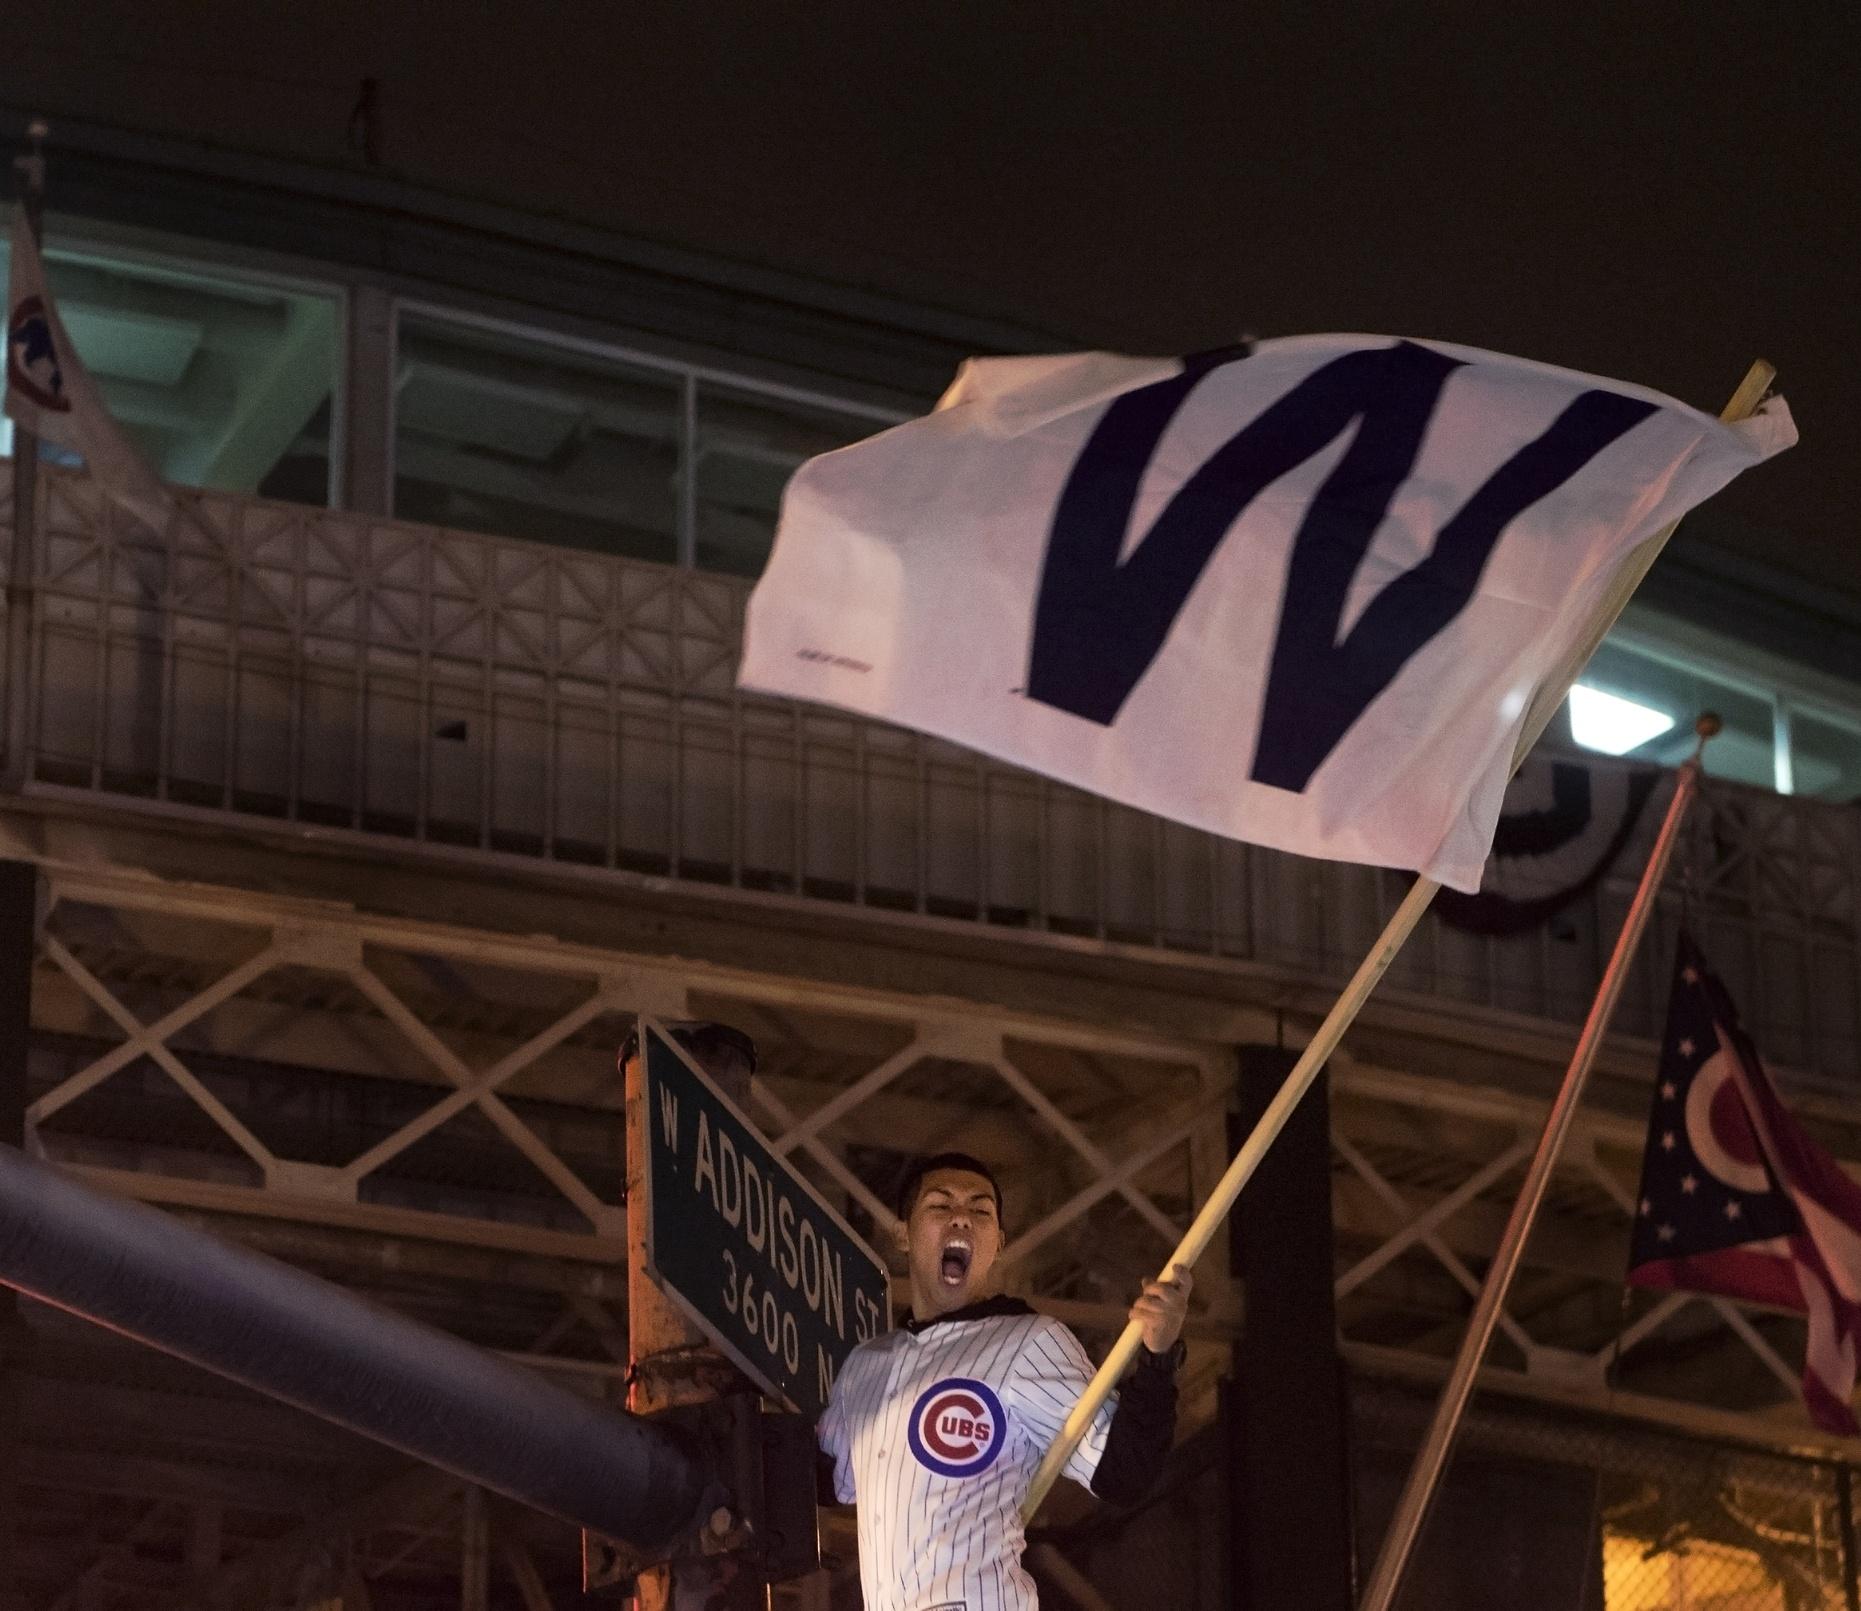 a fan waves a W flag outside wrigley field